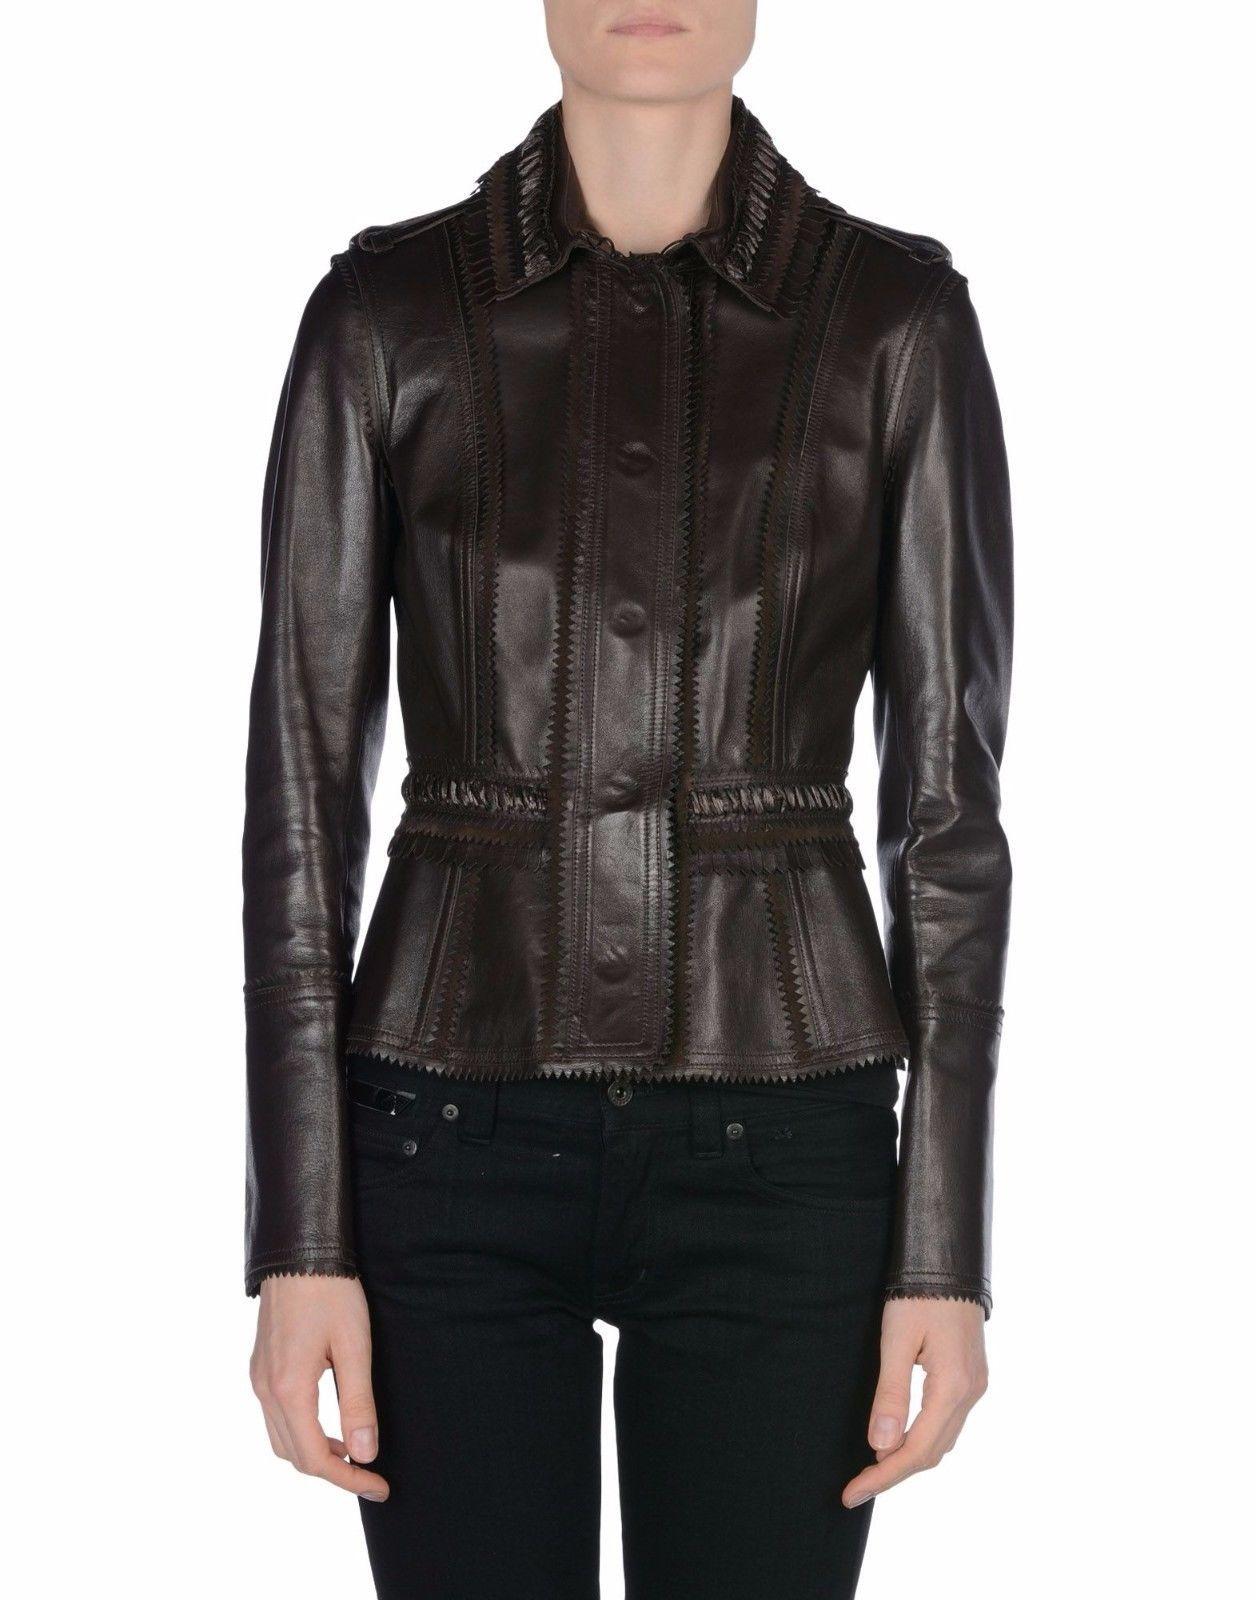 Winter Women Leather Motorcycle Women Genuine Leather Jacket Biker Jacket HL-167